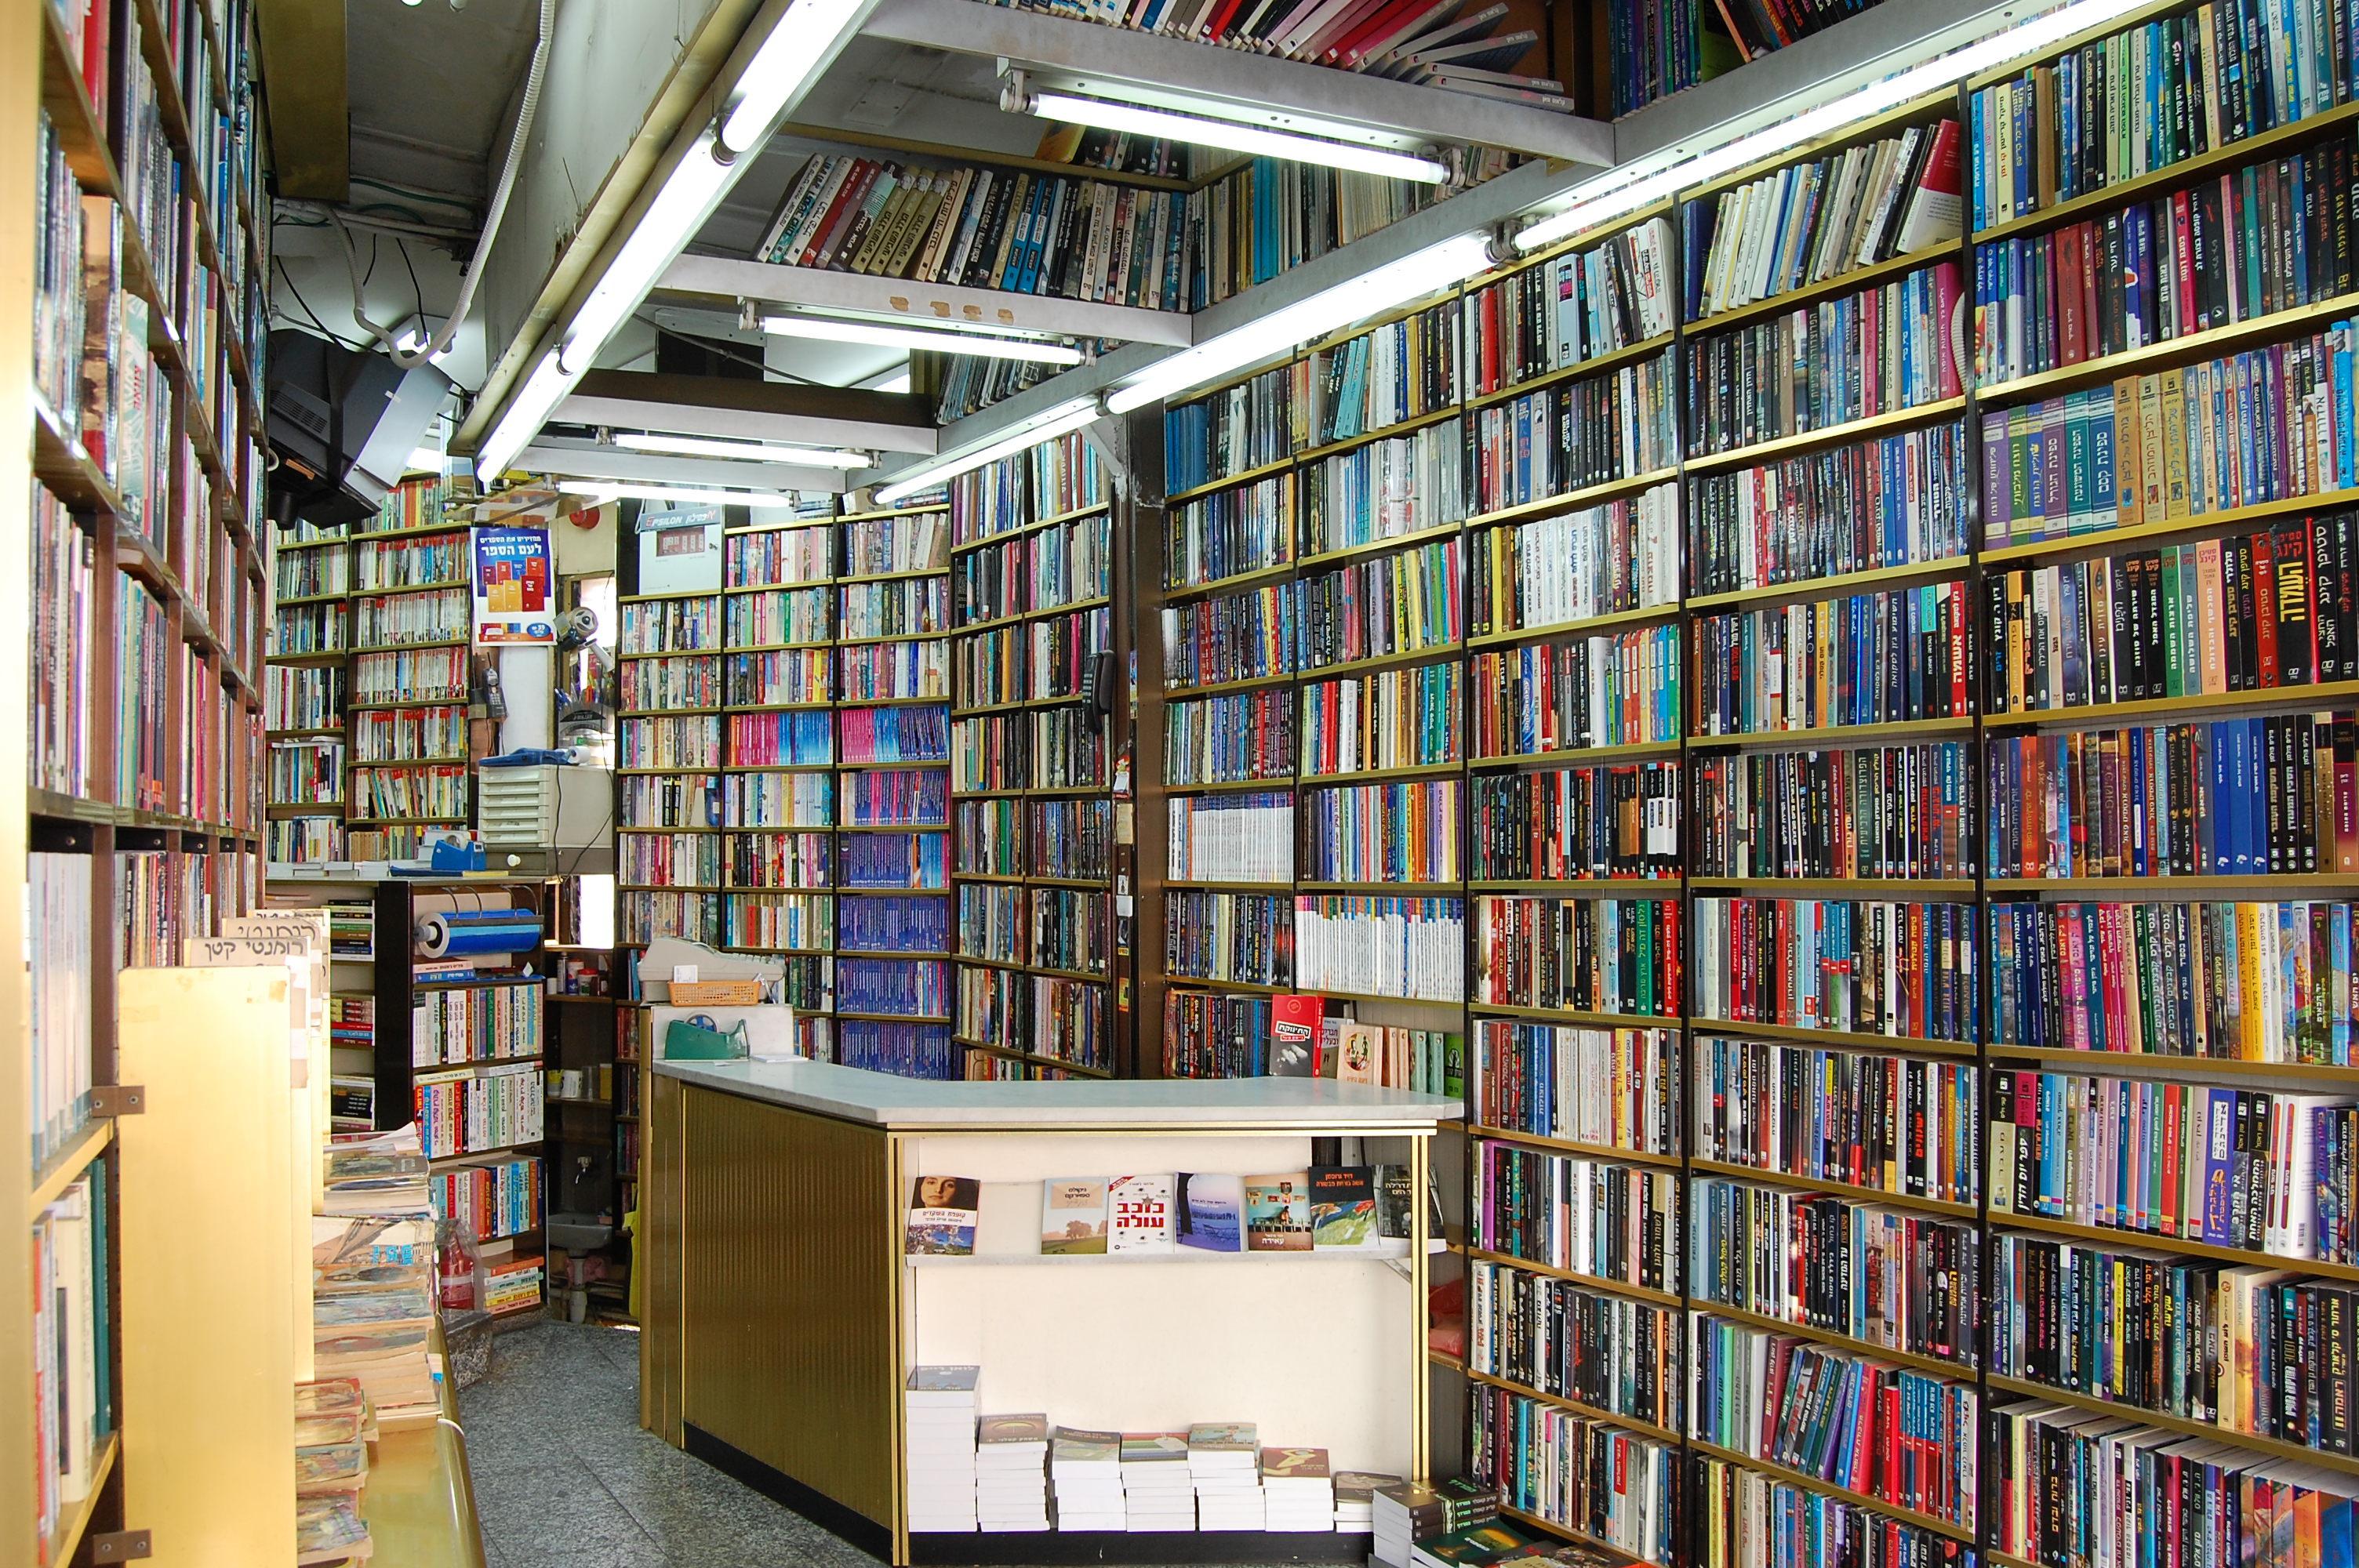 以色列的圖書定價制使書種減少、書市蕭條。上圖為以色列第二大城海法的書店,圖片來源:維基百科